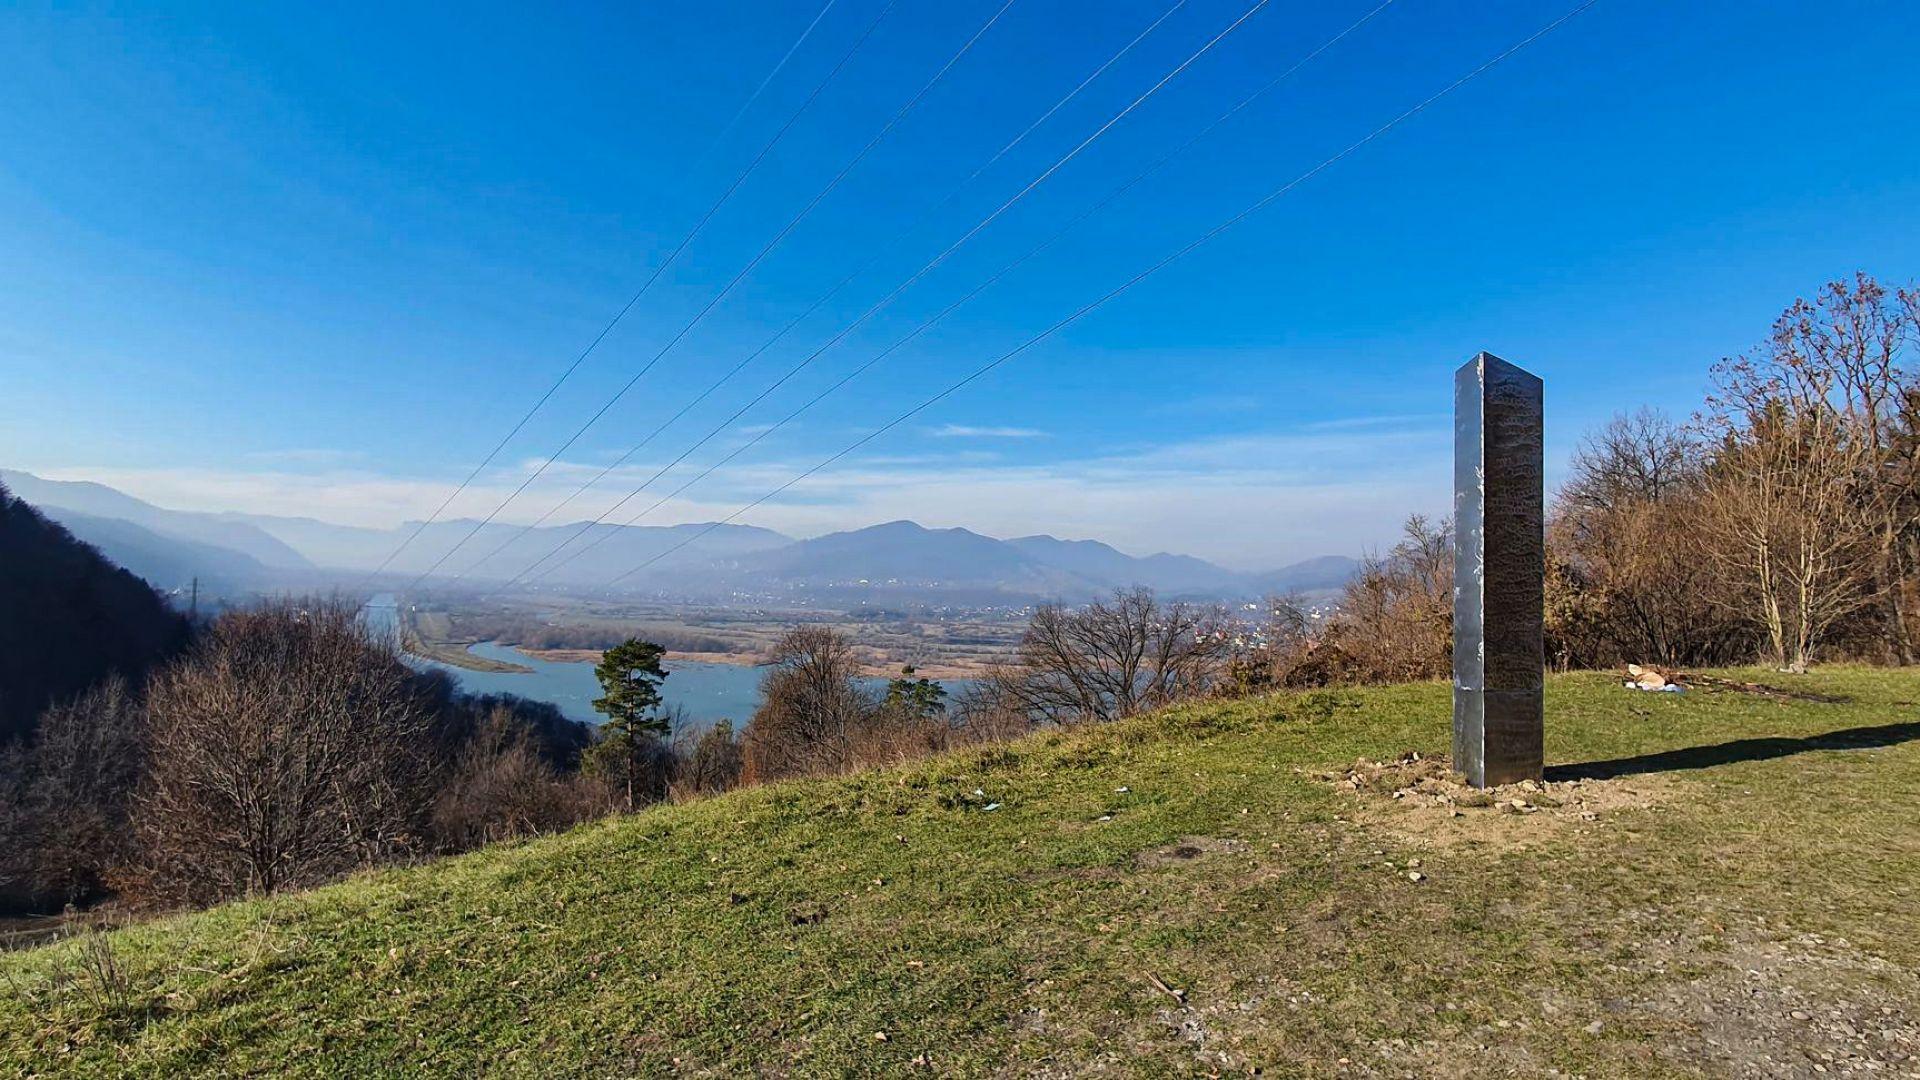 Откриха мистериозен метален монолит и в Румъния